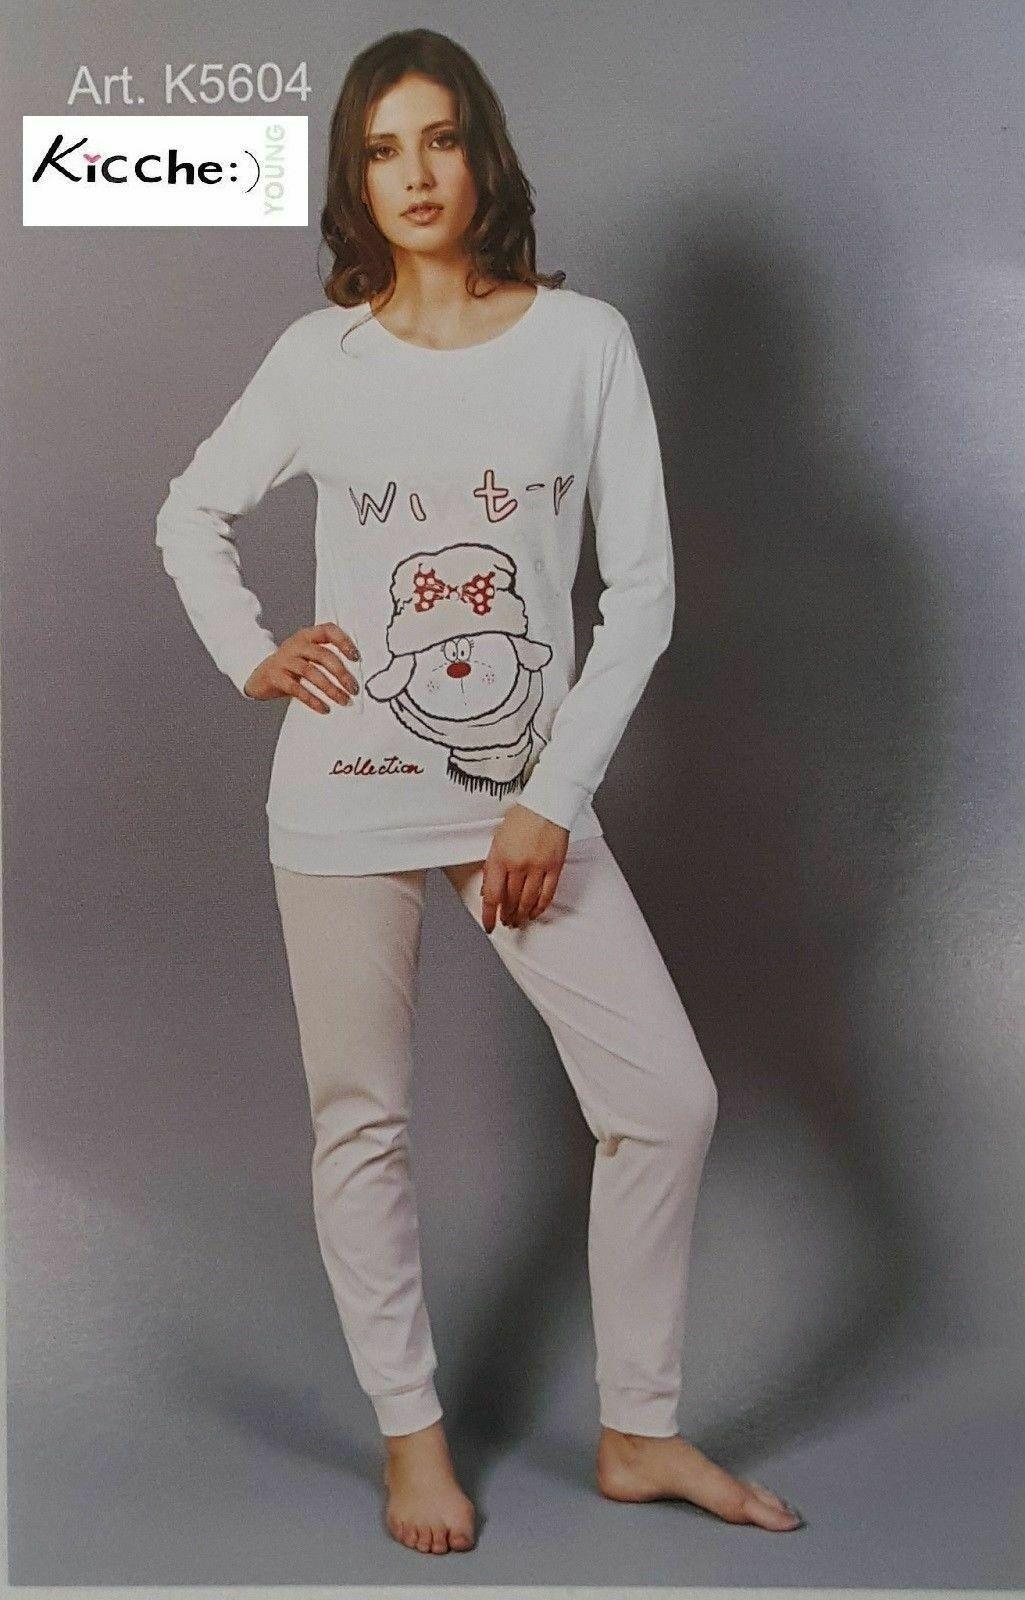 Pigiama invernale Donna in Caldo Cotone Lungo bordato KICCHE YOUNG - K5604